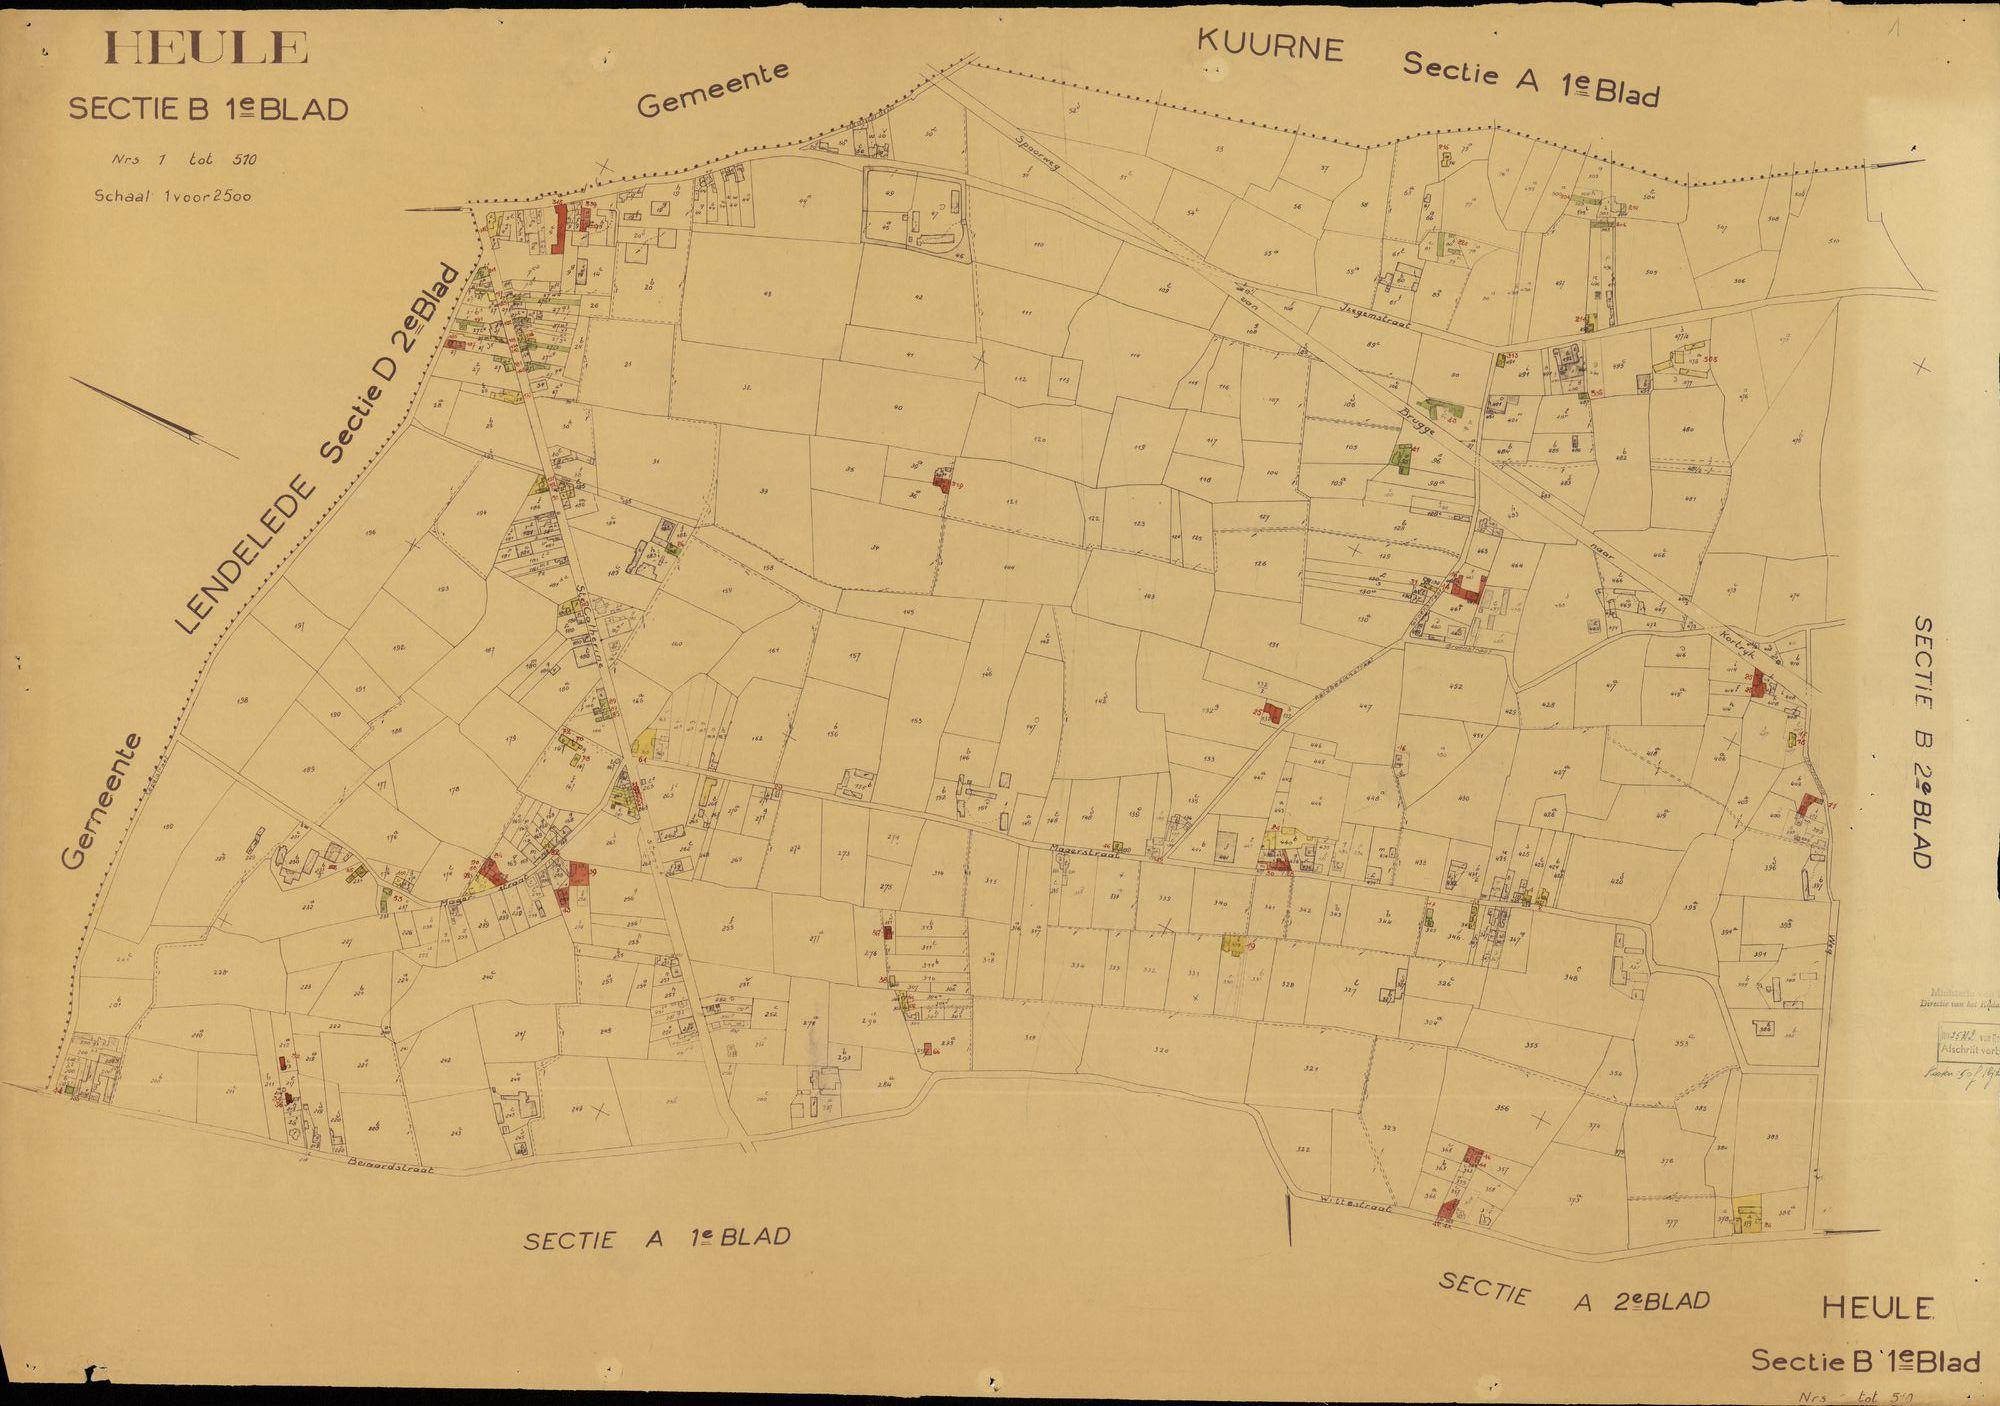 Kadastrale plattegrond van Heule, 1963